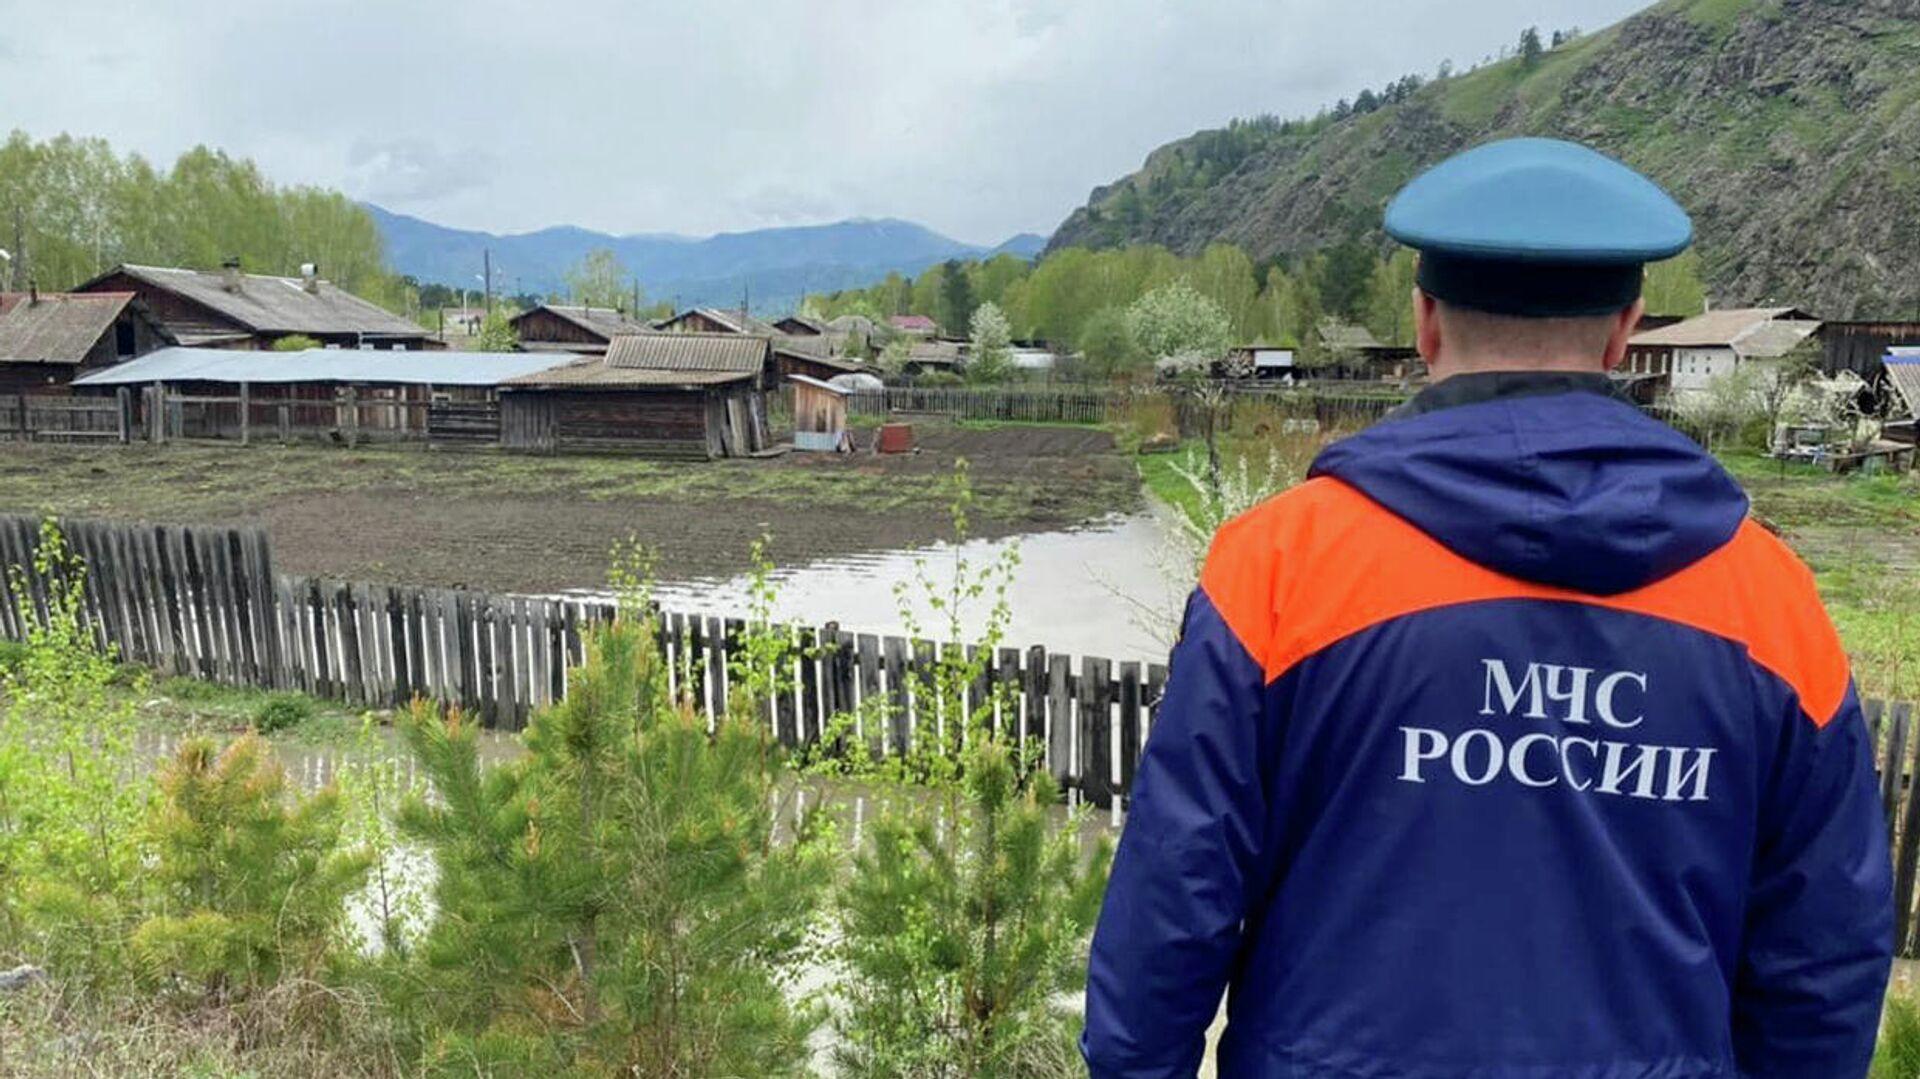 Сотрудник МЧС РФ осматривает затопленную территорию в Хакасии - РИА Новости, 1920, 21.05.2021